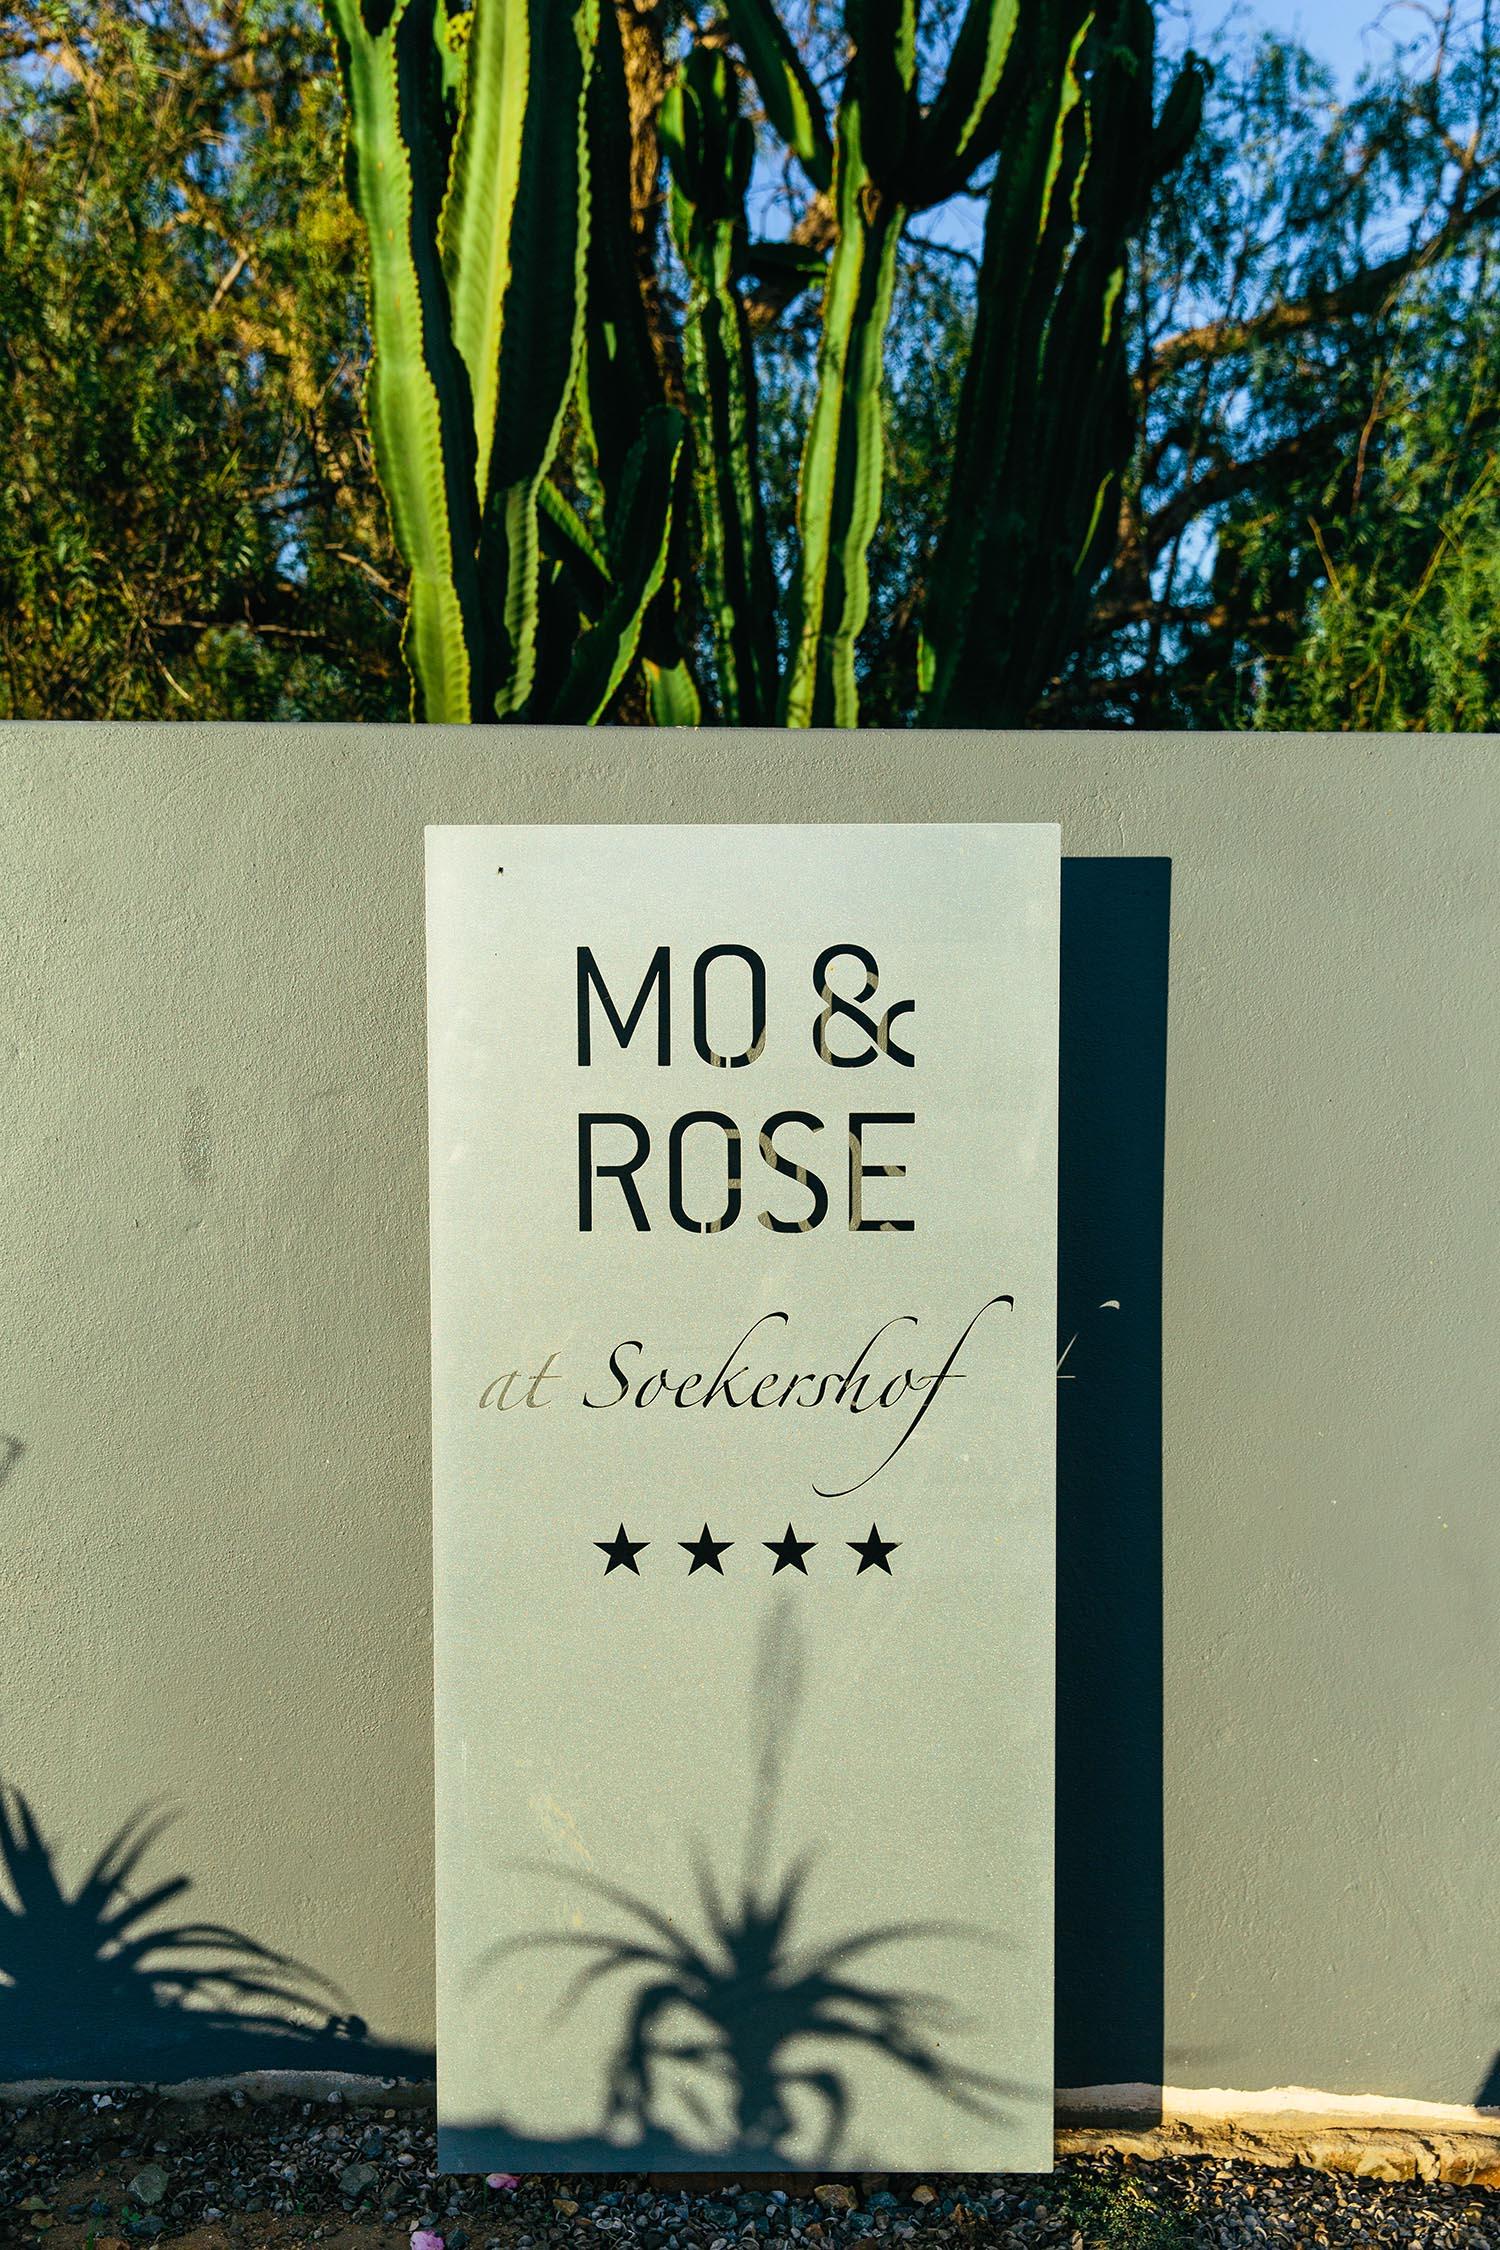 mo & rose